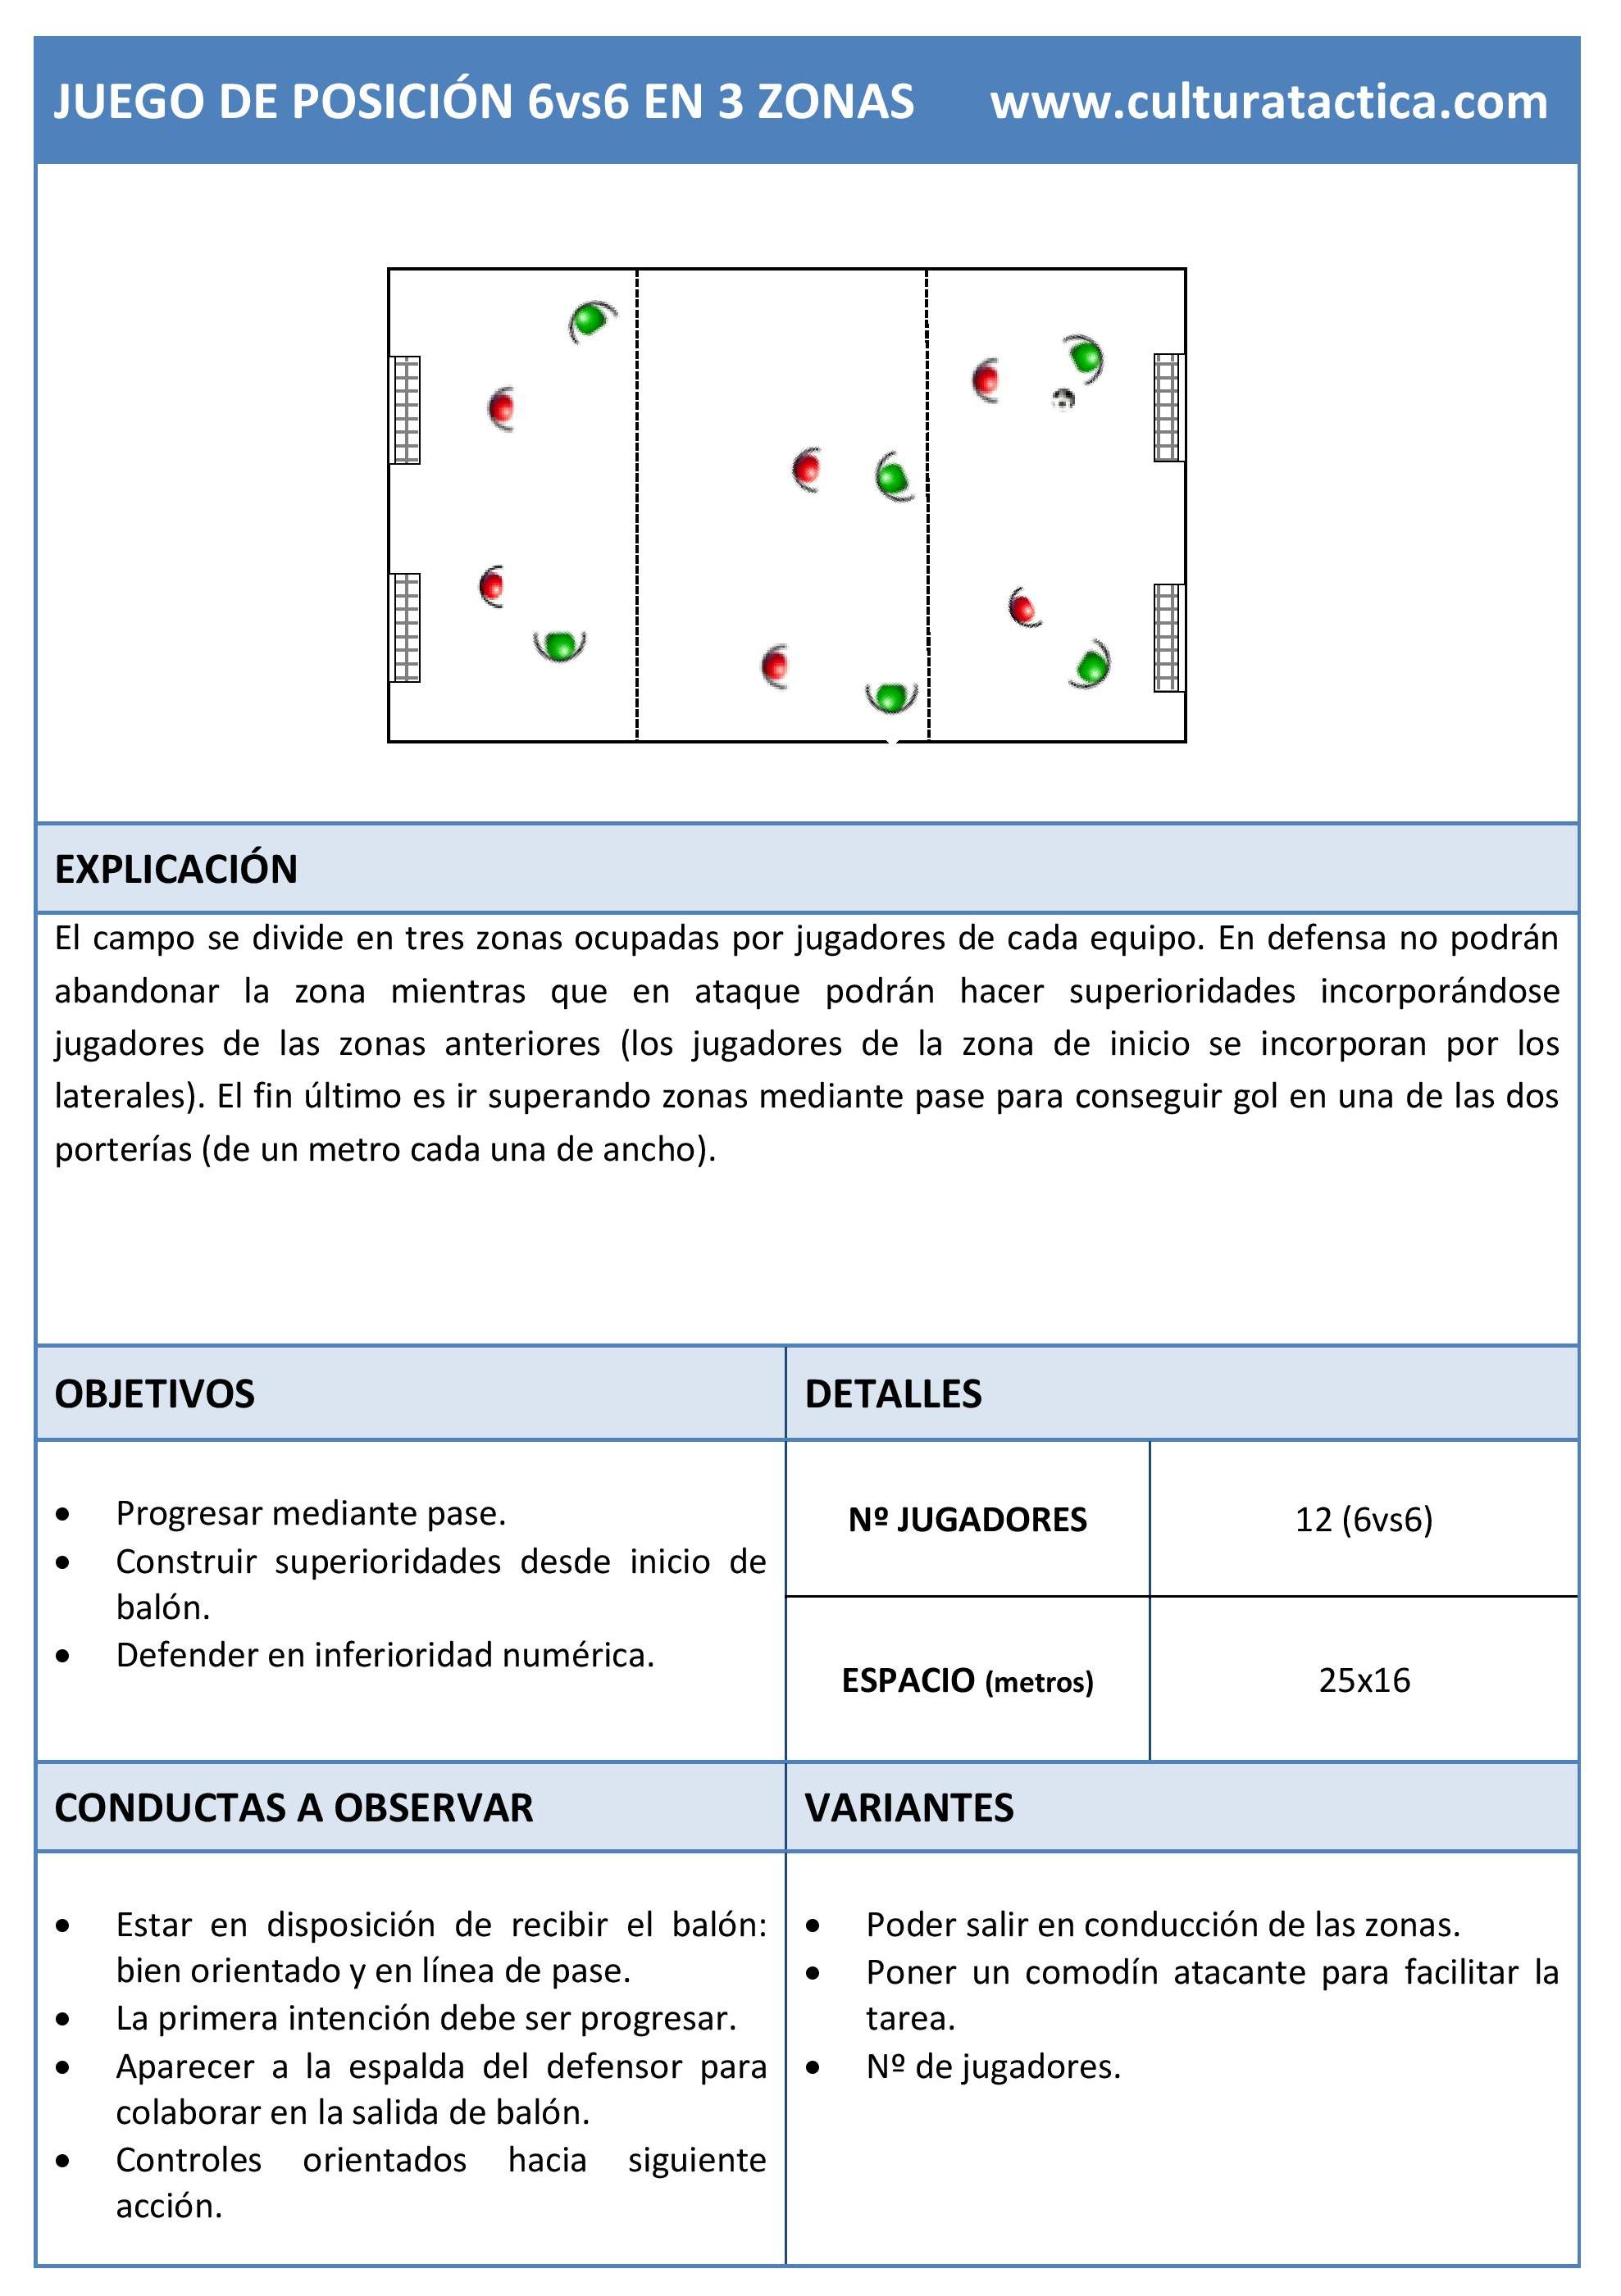 juego-de-posicion-6vs6-en-3-zonas-rayo-vallecano-de-paco-jemez